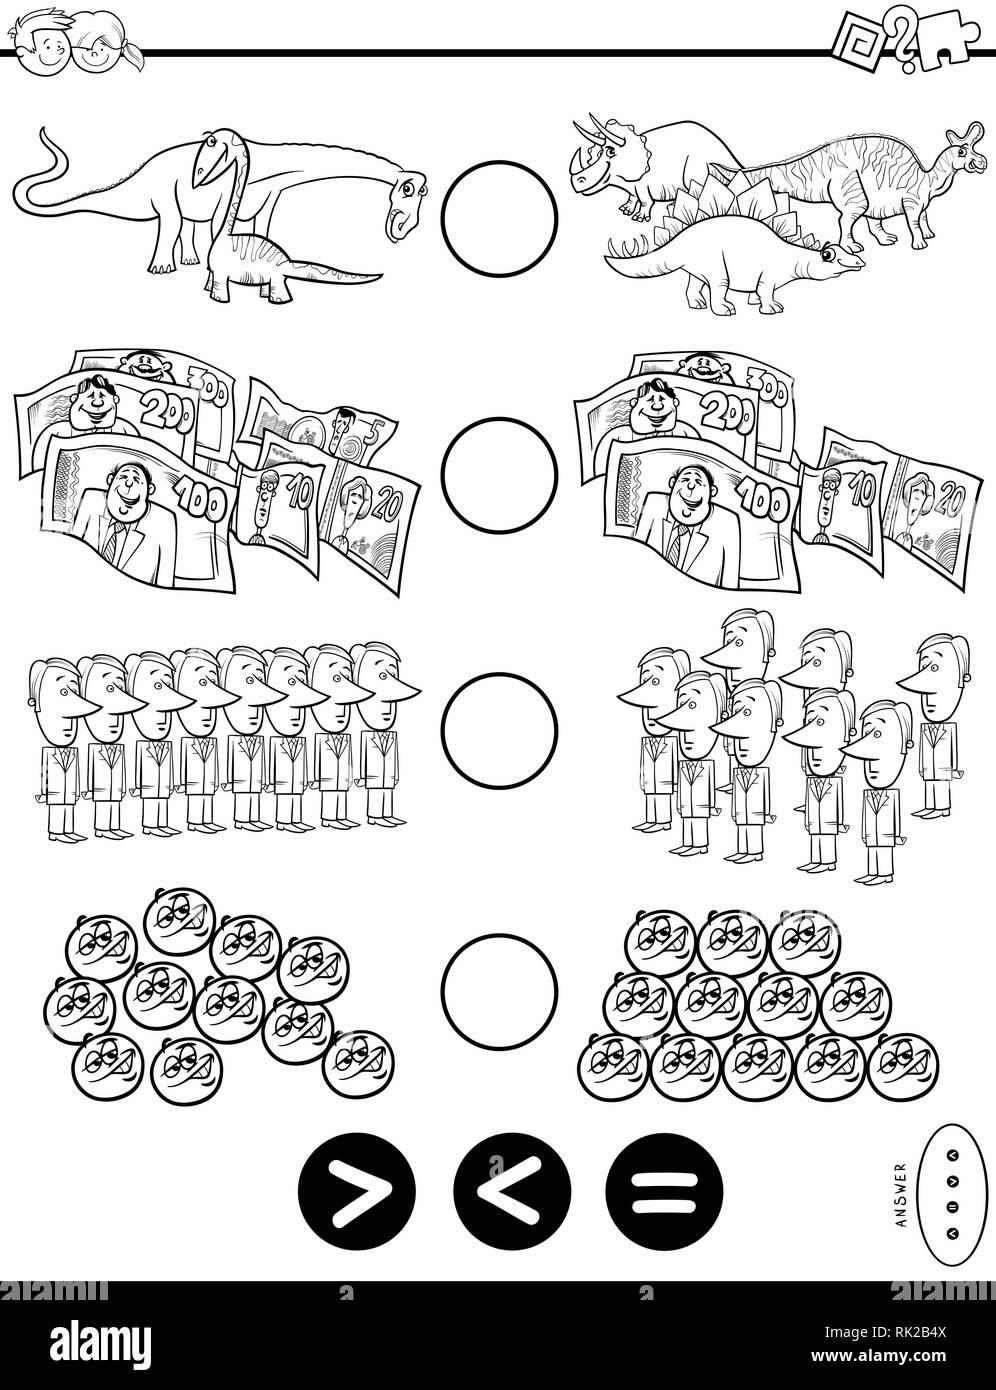 Dibujos Para Colorear Matematicas Preescolar Imagenes Para Colorear